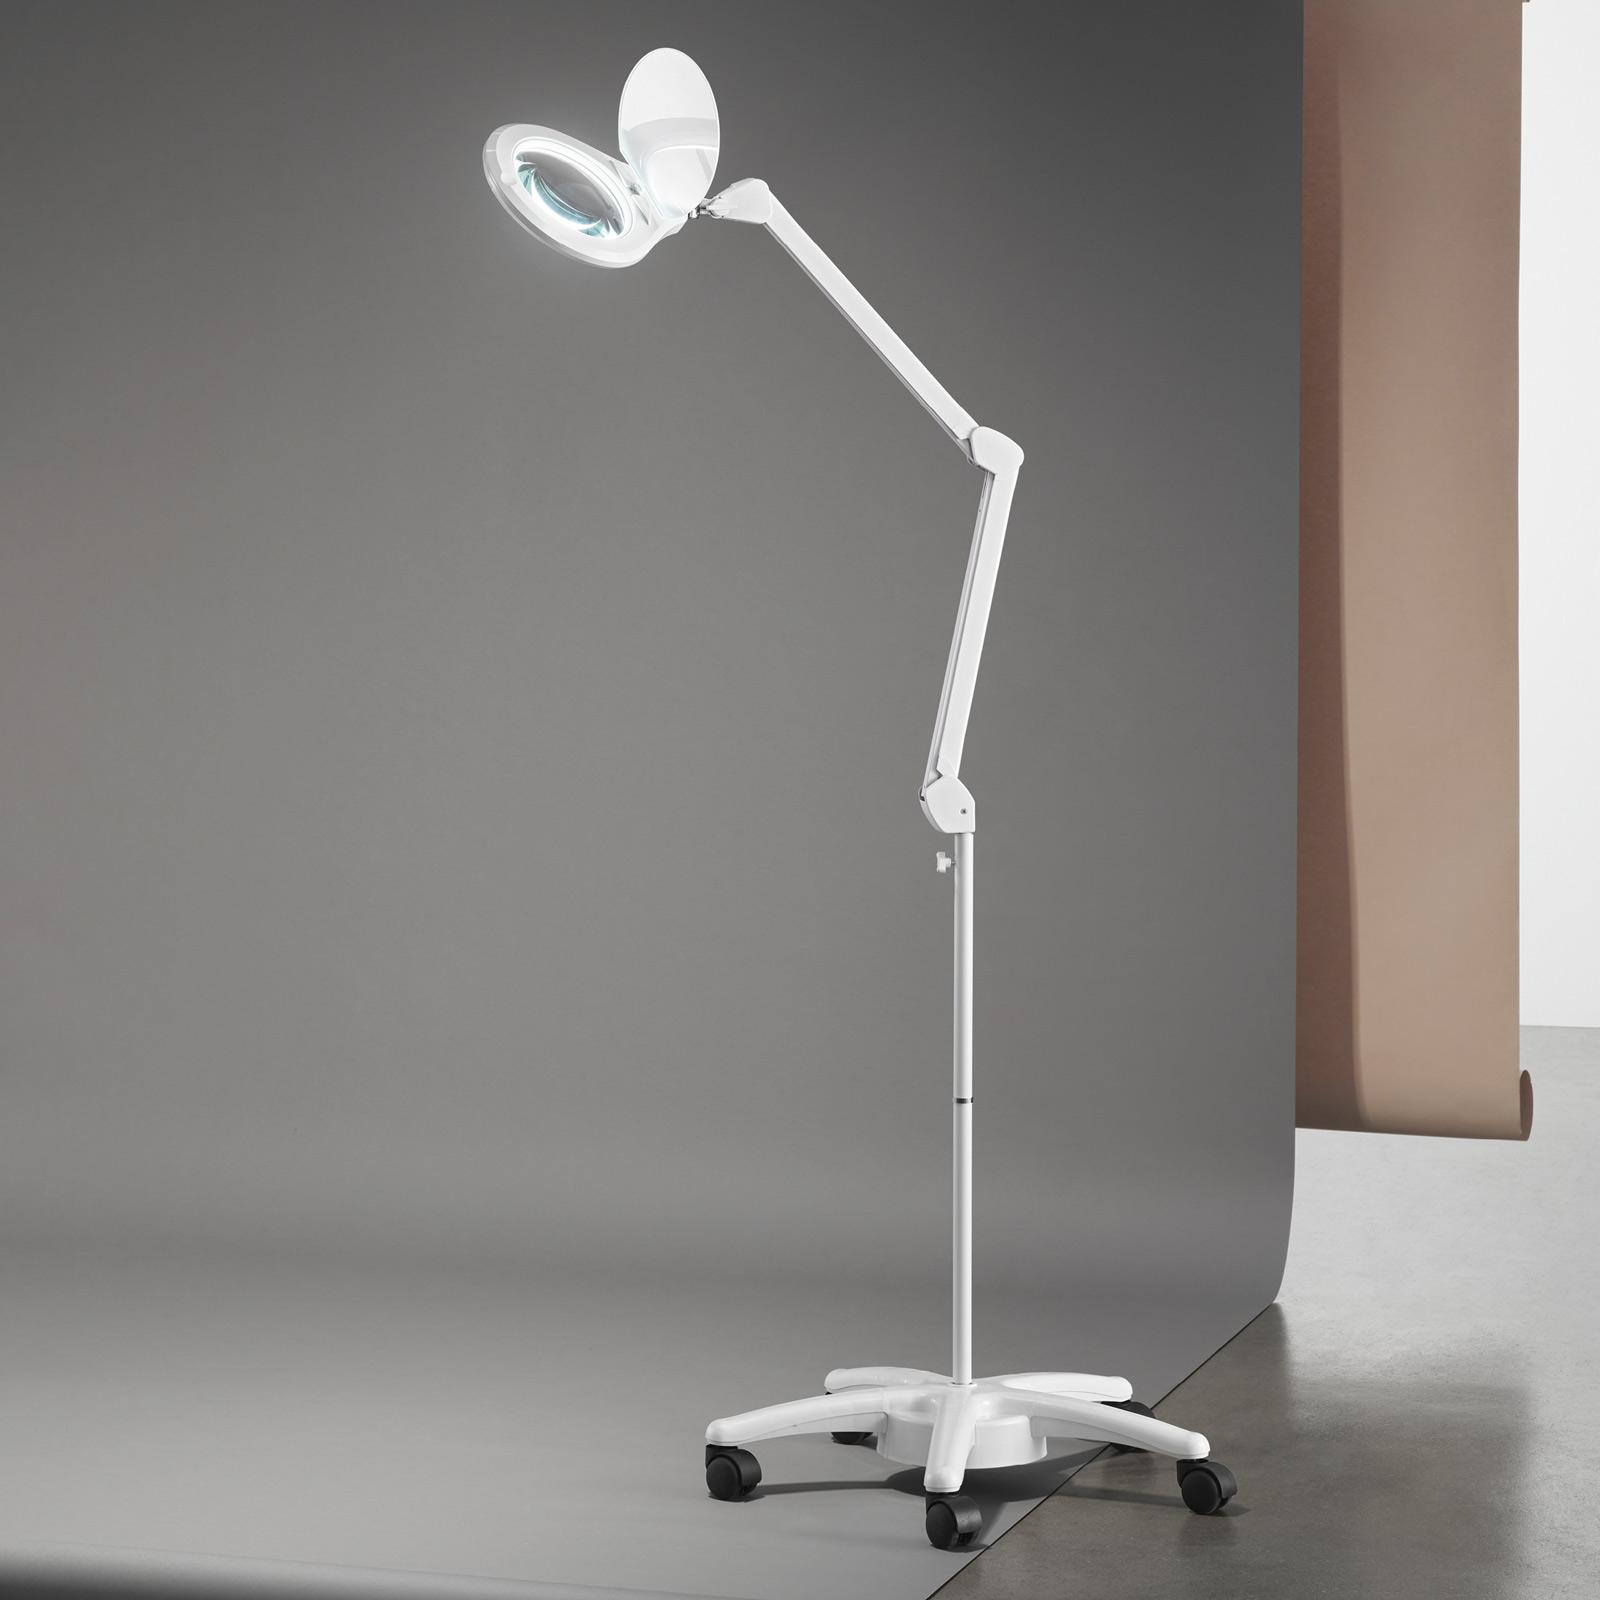 Standfuß mit Rollen für LED-Lupenleuchte Close